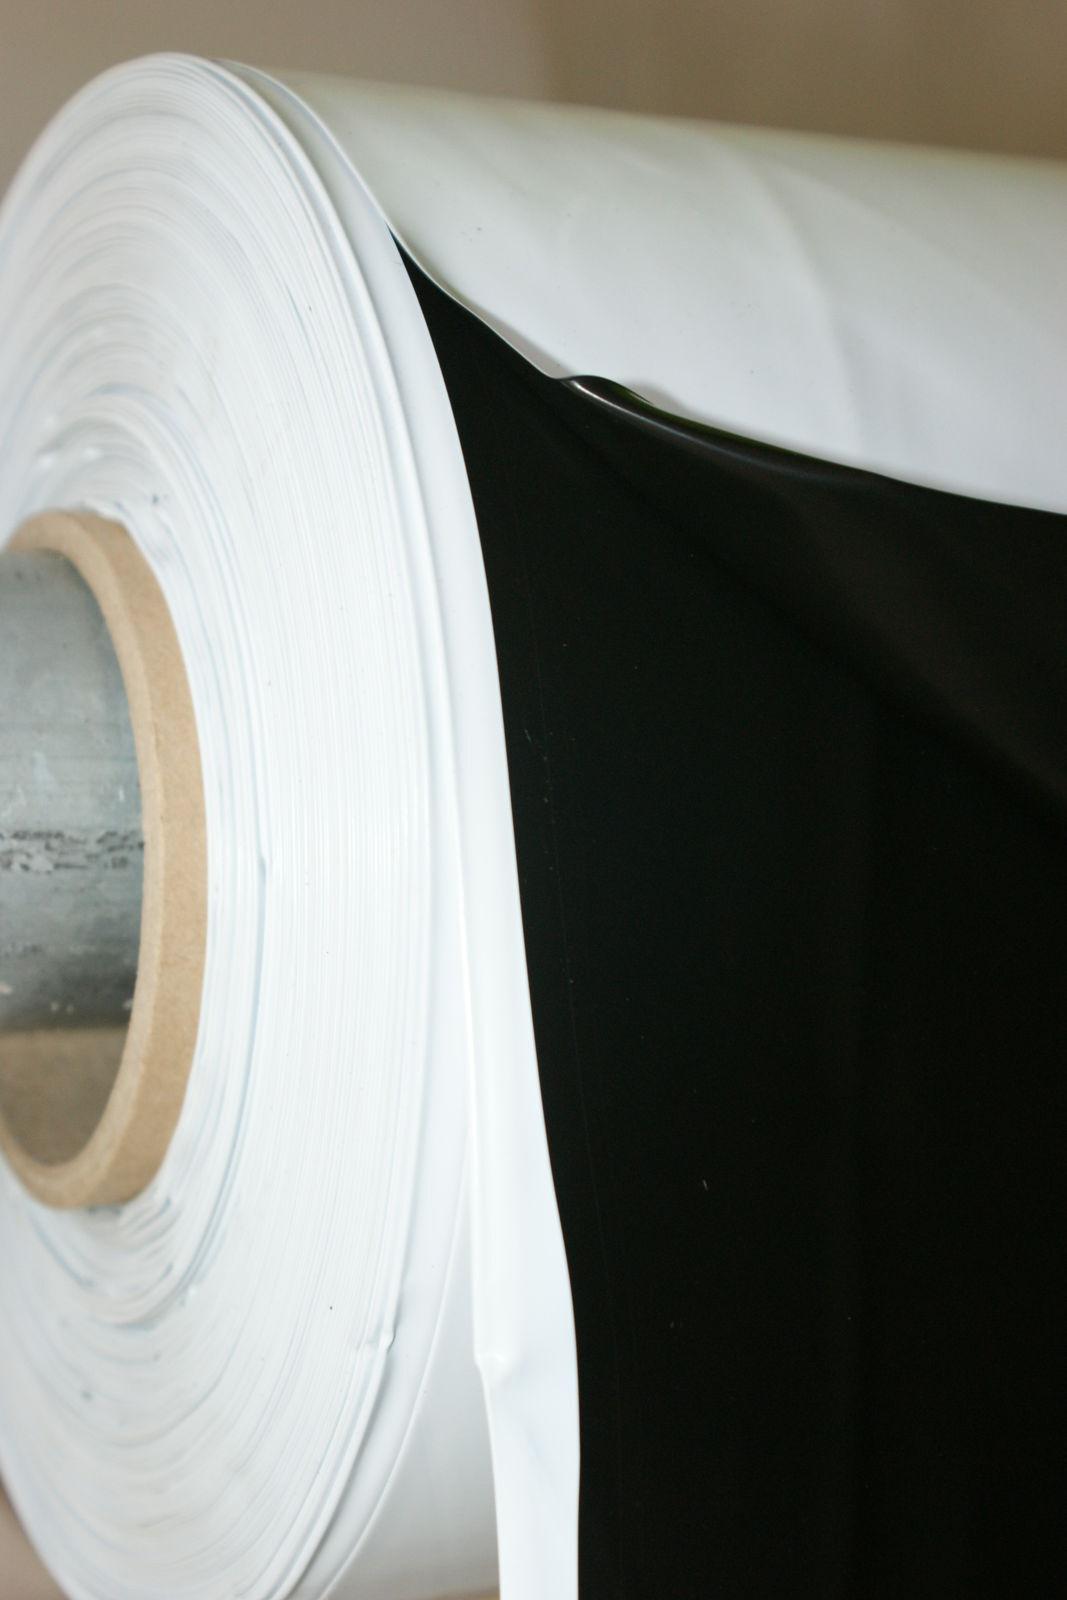 0,50€/m² Breite 4,6,8,10,12 Meter schwarz/weiss Silofolie Abdeckplane Baufolie